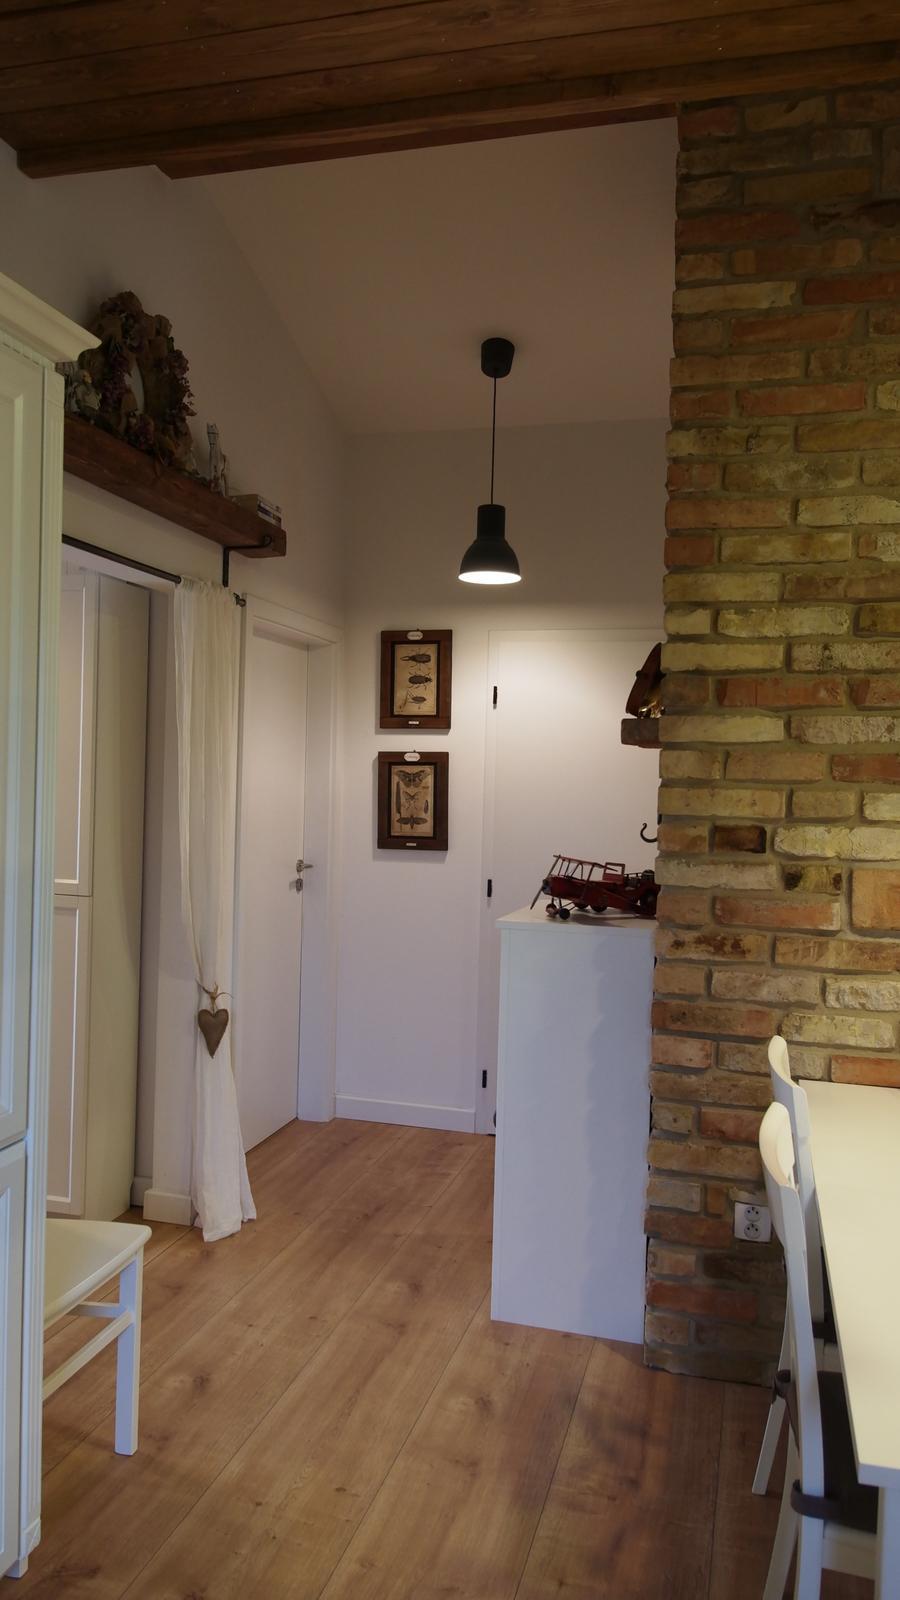 Náš domček ♡ Bramasole ♡ ... Stilo interiér aj exteriér 3. rok bývania - Obrázok č. 9